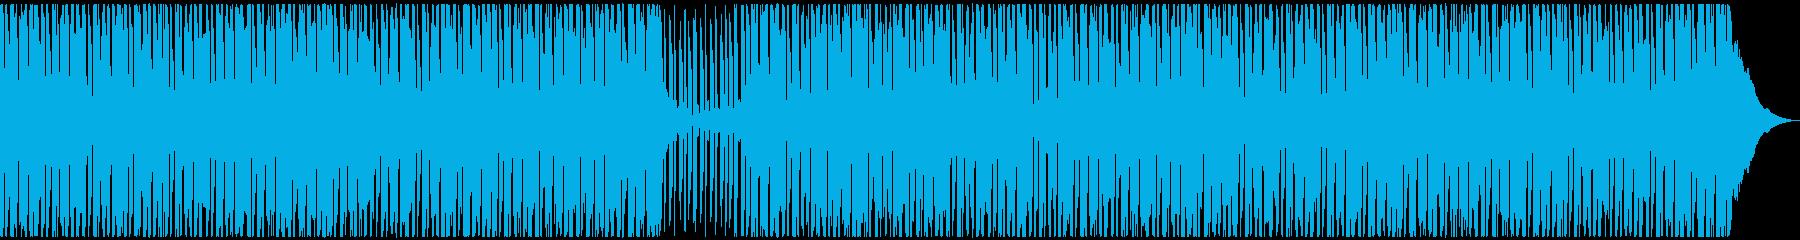 サビから☆ウキウキ☆ノリ良いポップロックの再生済みの波形